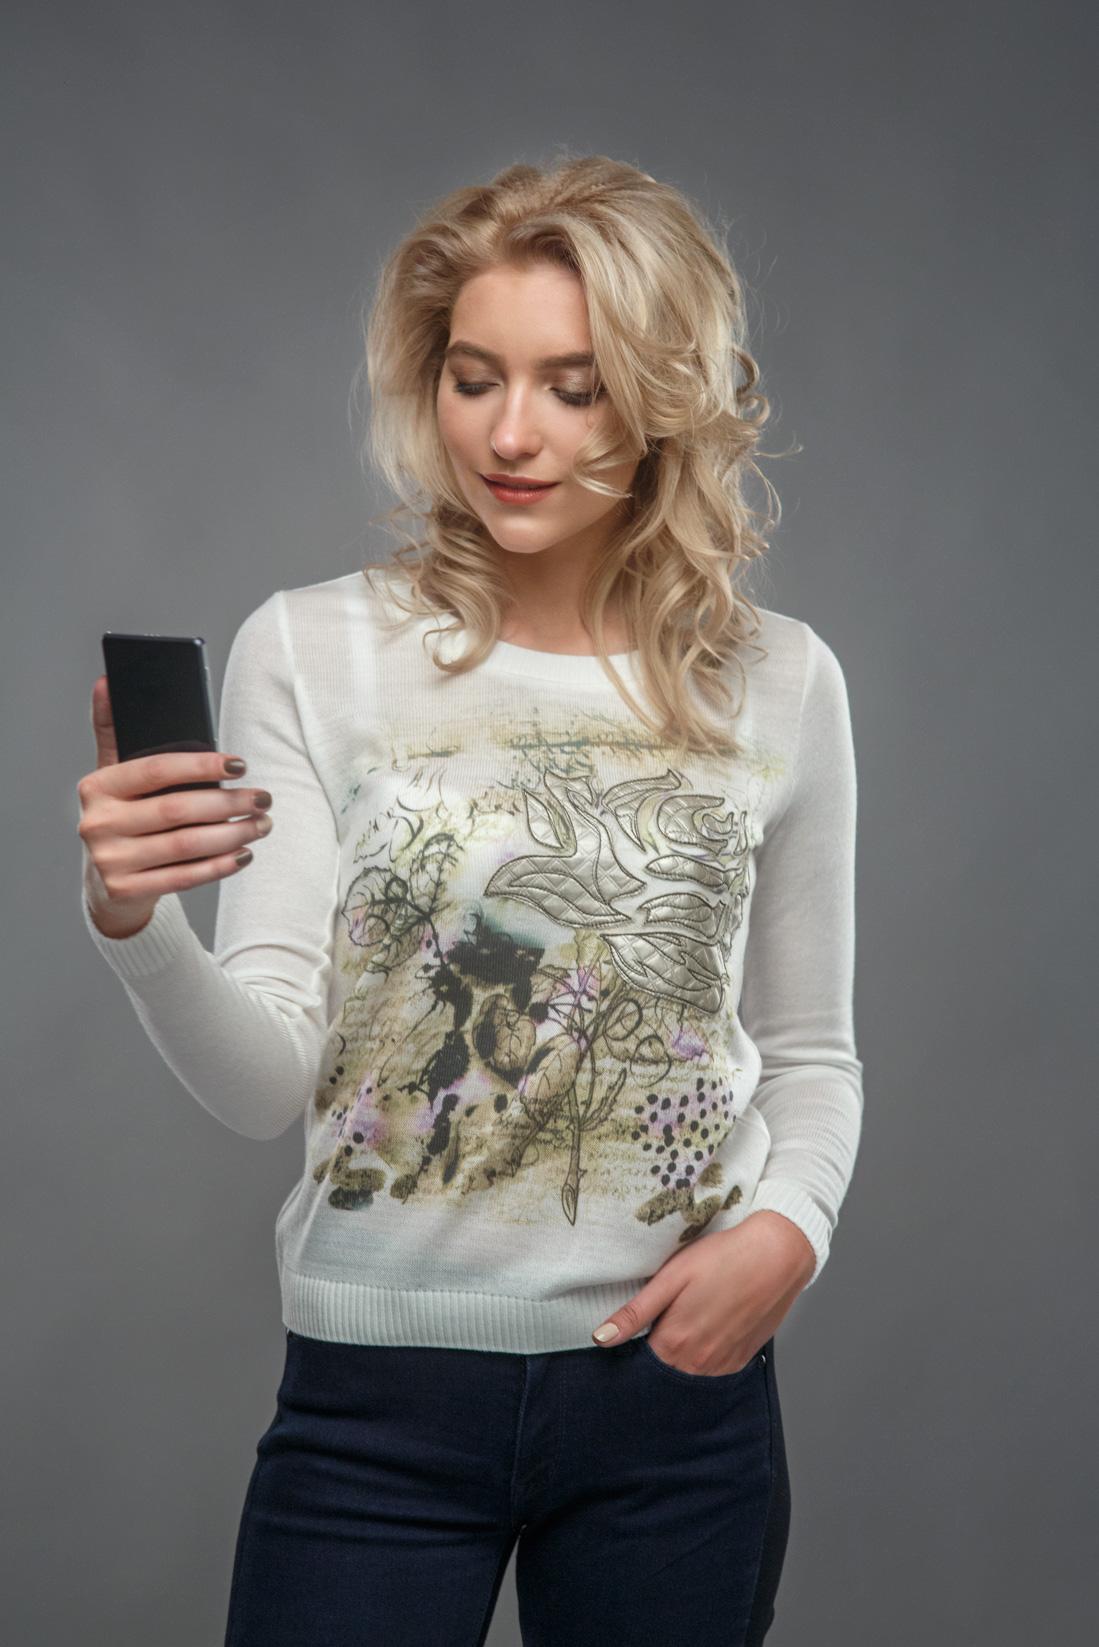 Сбор заказов. Цены еще ниже!!!Супер-распродажа на все коллекции,супер-низкие цены!!! Романтичная, натуральная, всегда красивая белорусская Lеntа.Чувственная, нежная, женственная, сводящая с ума-75!!!